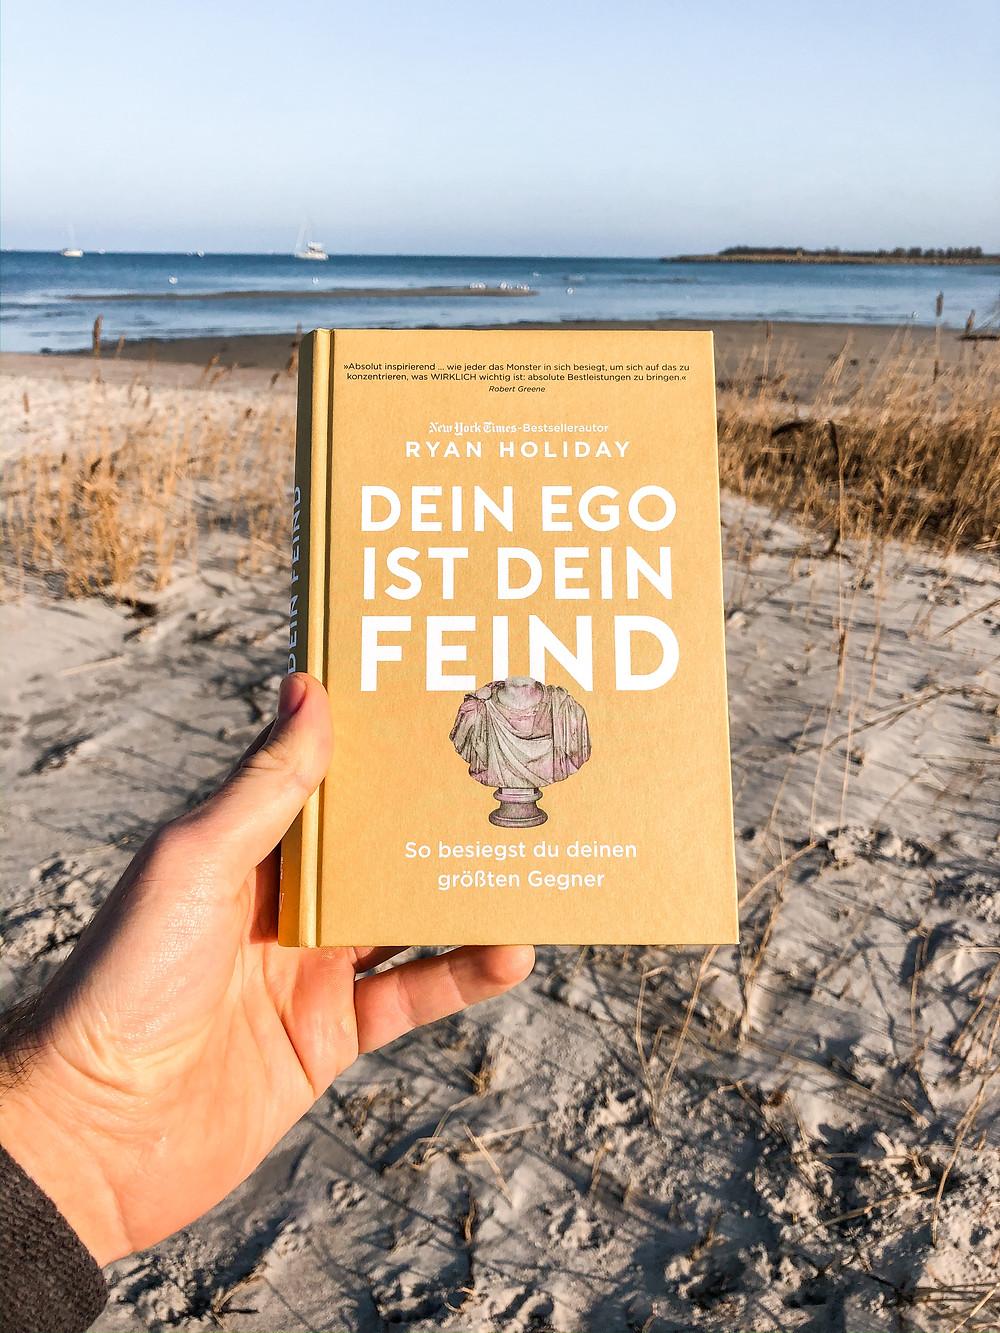 In dein Ego ist dein Feind zeigt Bestseller Autor Ryan Holiday wie das eigene Ego einem in der persönlichen Entwicklung oftmals im Weg steht und wie man schaffen kann, erfolgreicher, gelassener und weiser zu werden.